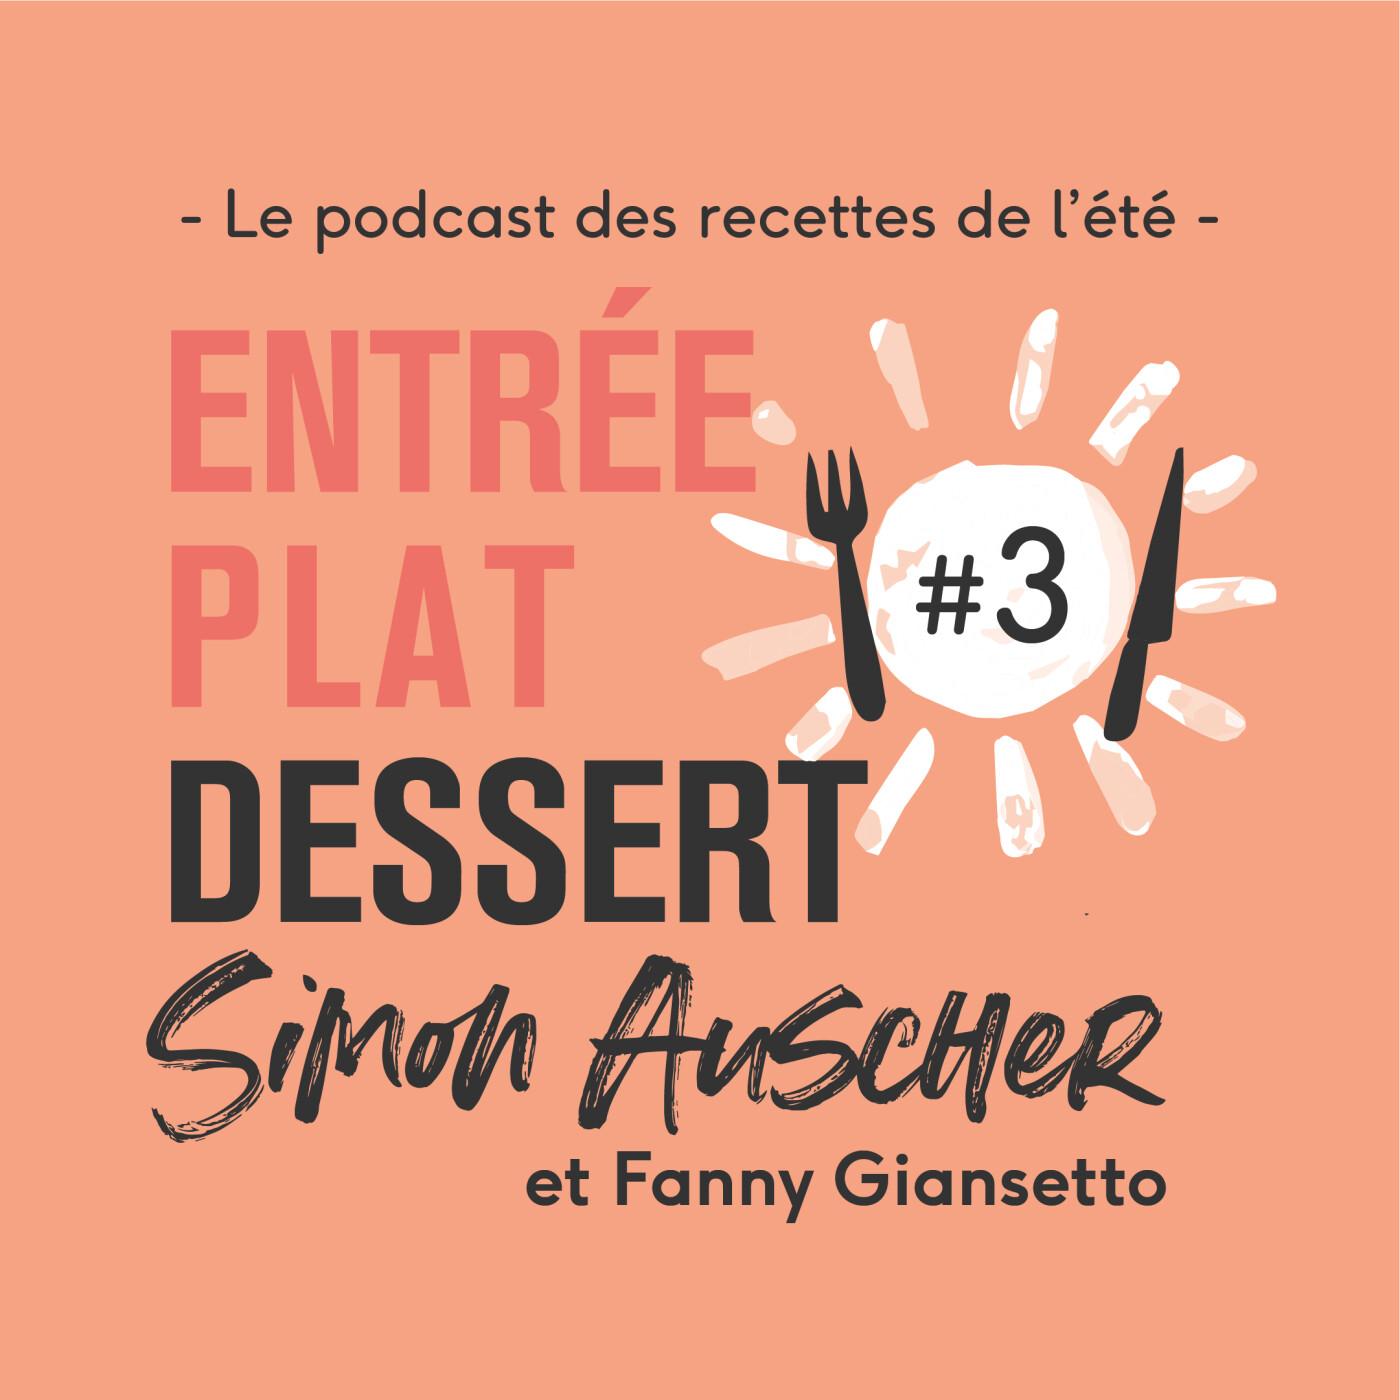 [Série d'été - Entrée/plat/dessert] - #3. Dessert - Abricots rôtis au miel et à l'hysope sauvage